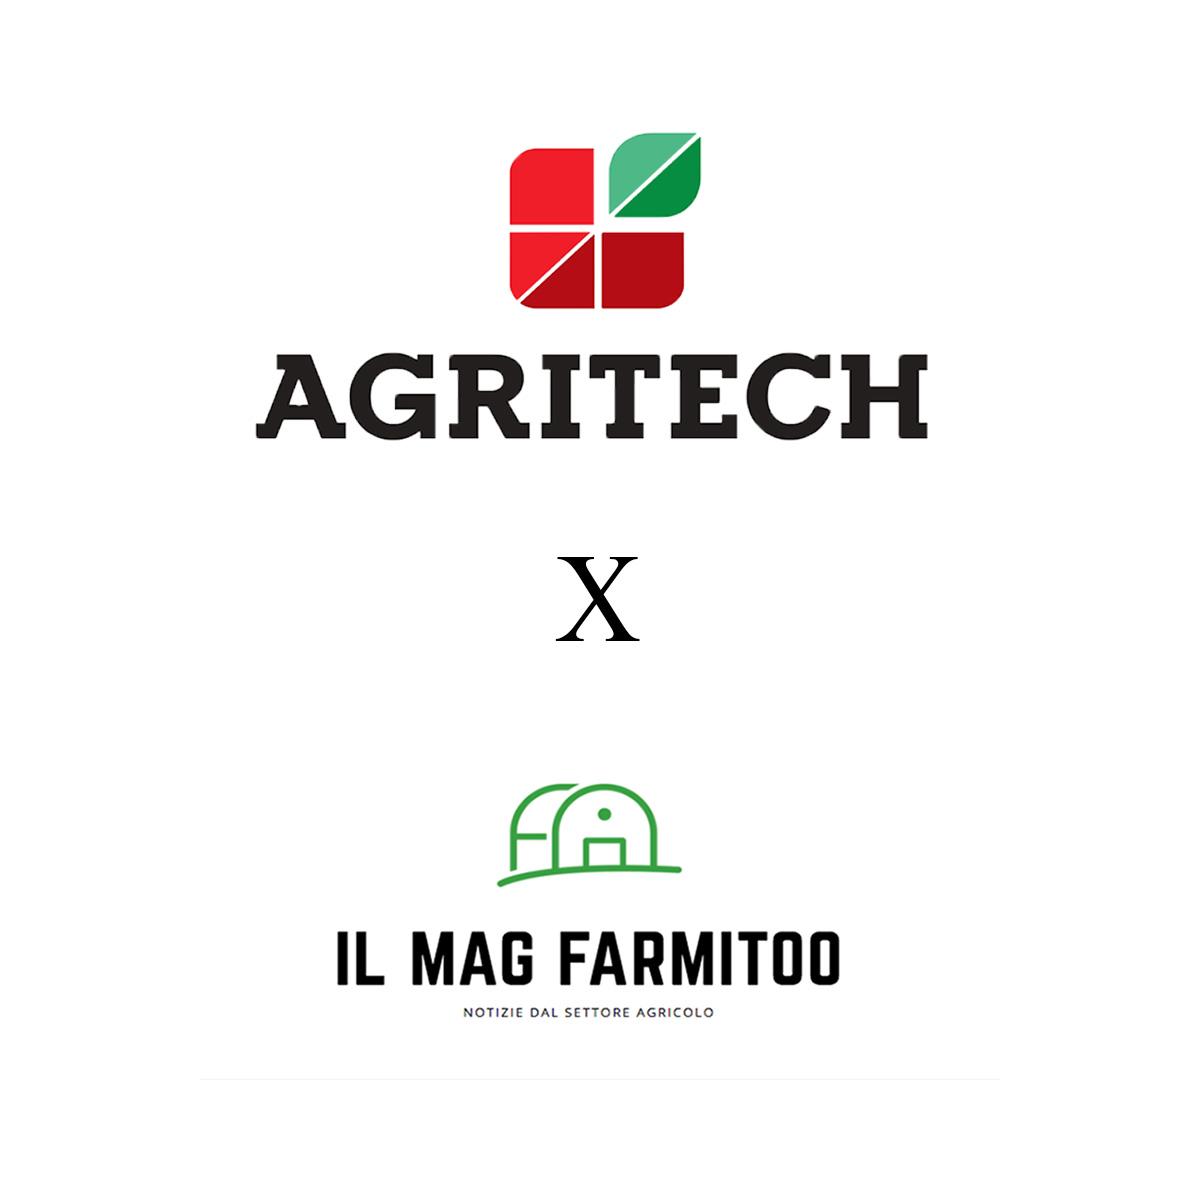 AGRITECH x FARMITOO, LA NUOVA FRONTIERA DEL COMMERCIO DIGITALE